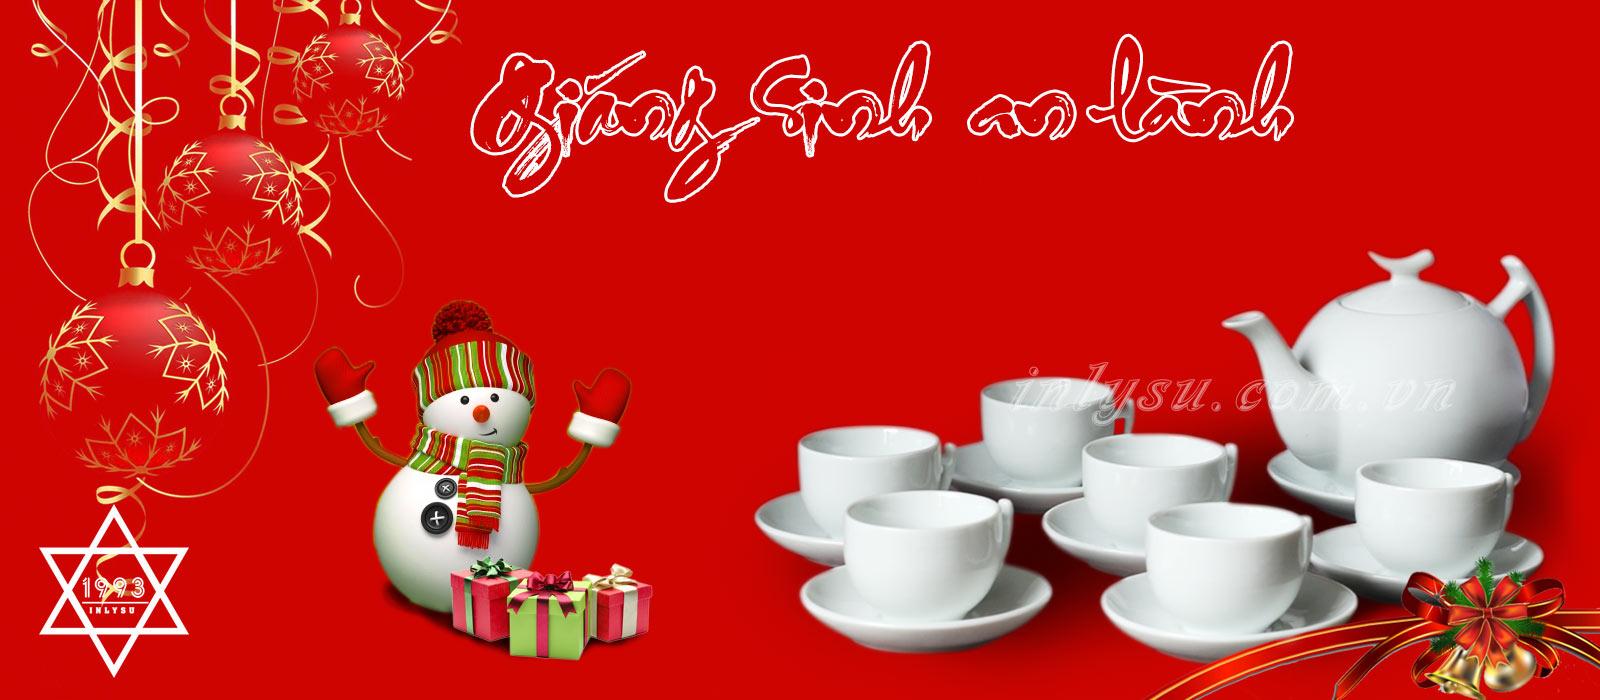 Quà tặng bộ ấm trà trong việc tổ chức tiệc noelcho công ty